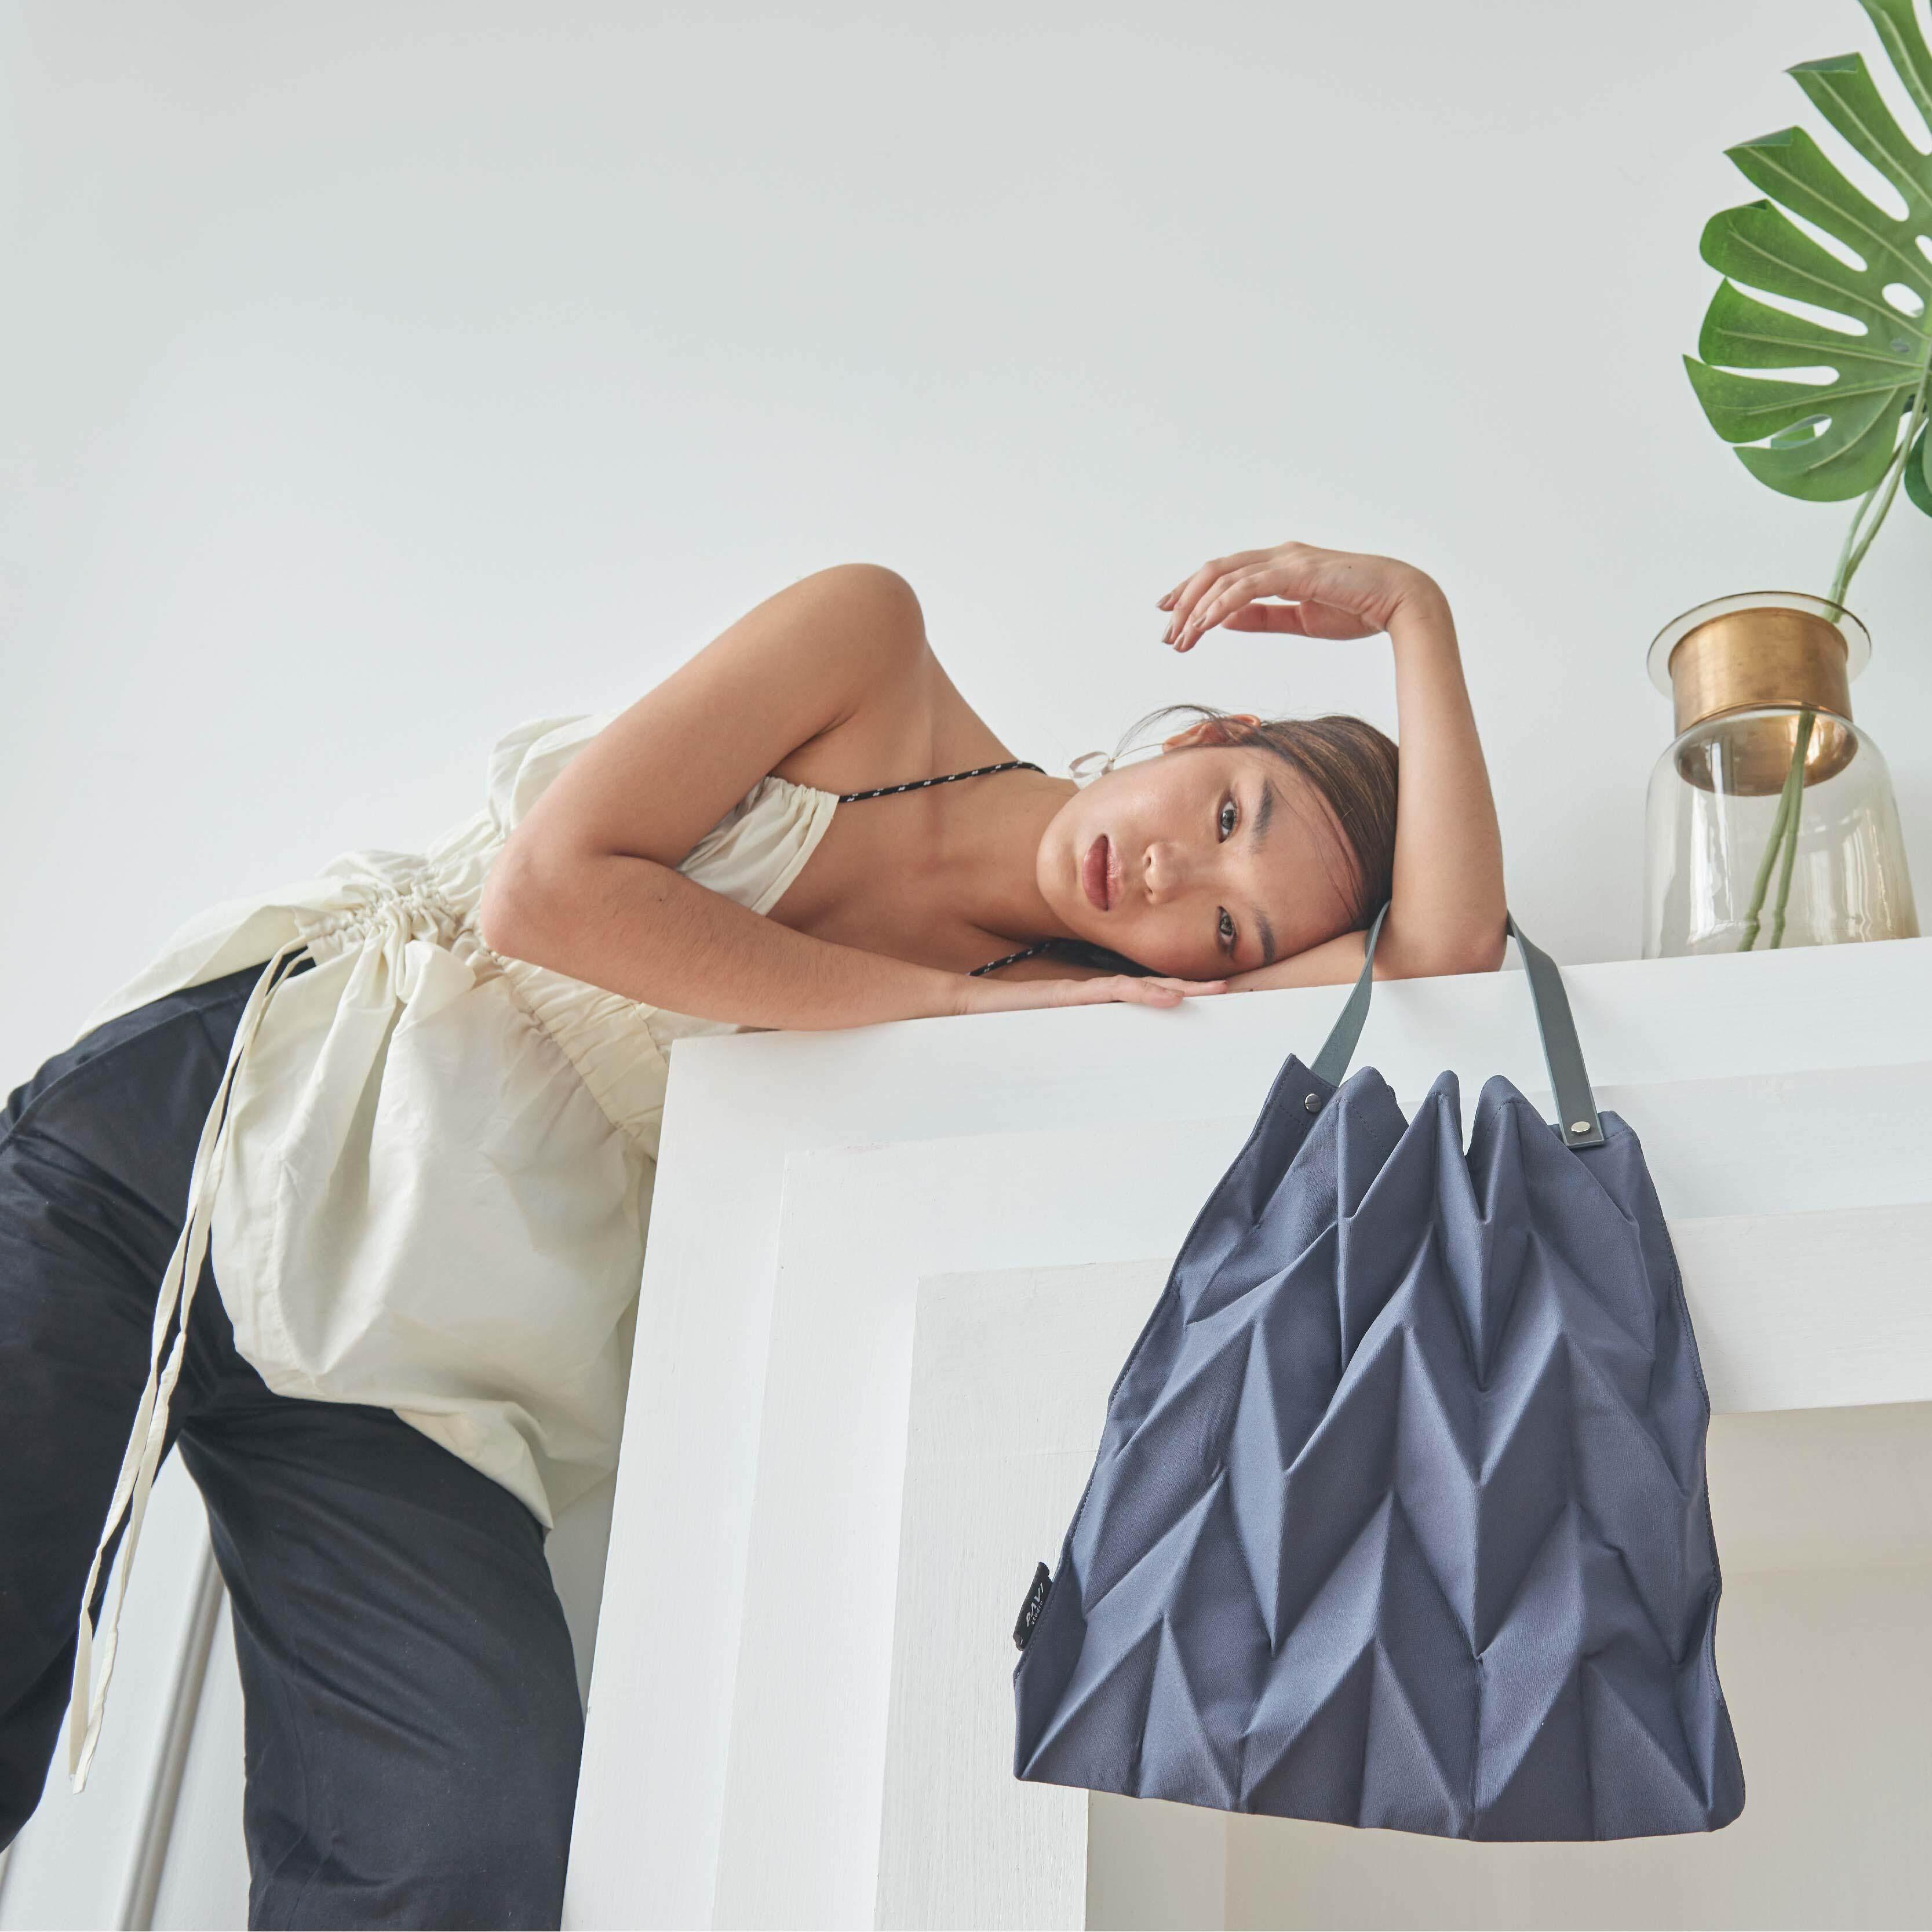 กระเป๋าสะพายพาดลำตัว นักเรียน ผู้หญิง วัยรุ่น สมุทรสงคราม Pavi Studio   W Pleat Navy กระเป๋าผ้าอัดพลีทลาย w สีเทาเข้ม   พร้อมส่งวันที่ 18 20 ธ ค